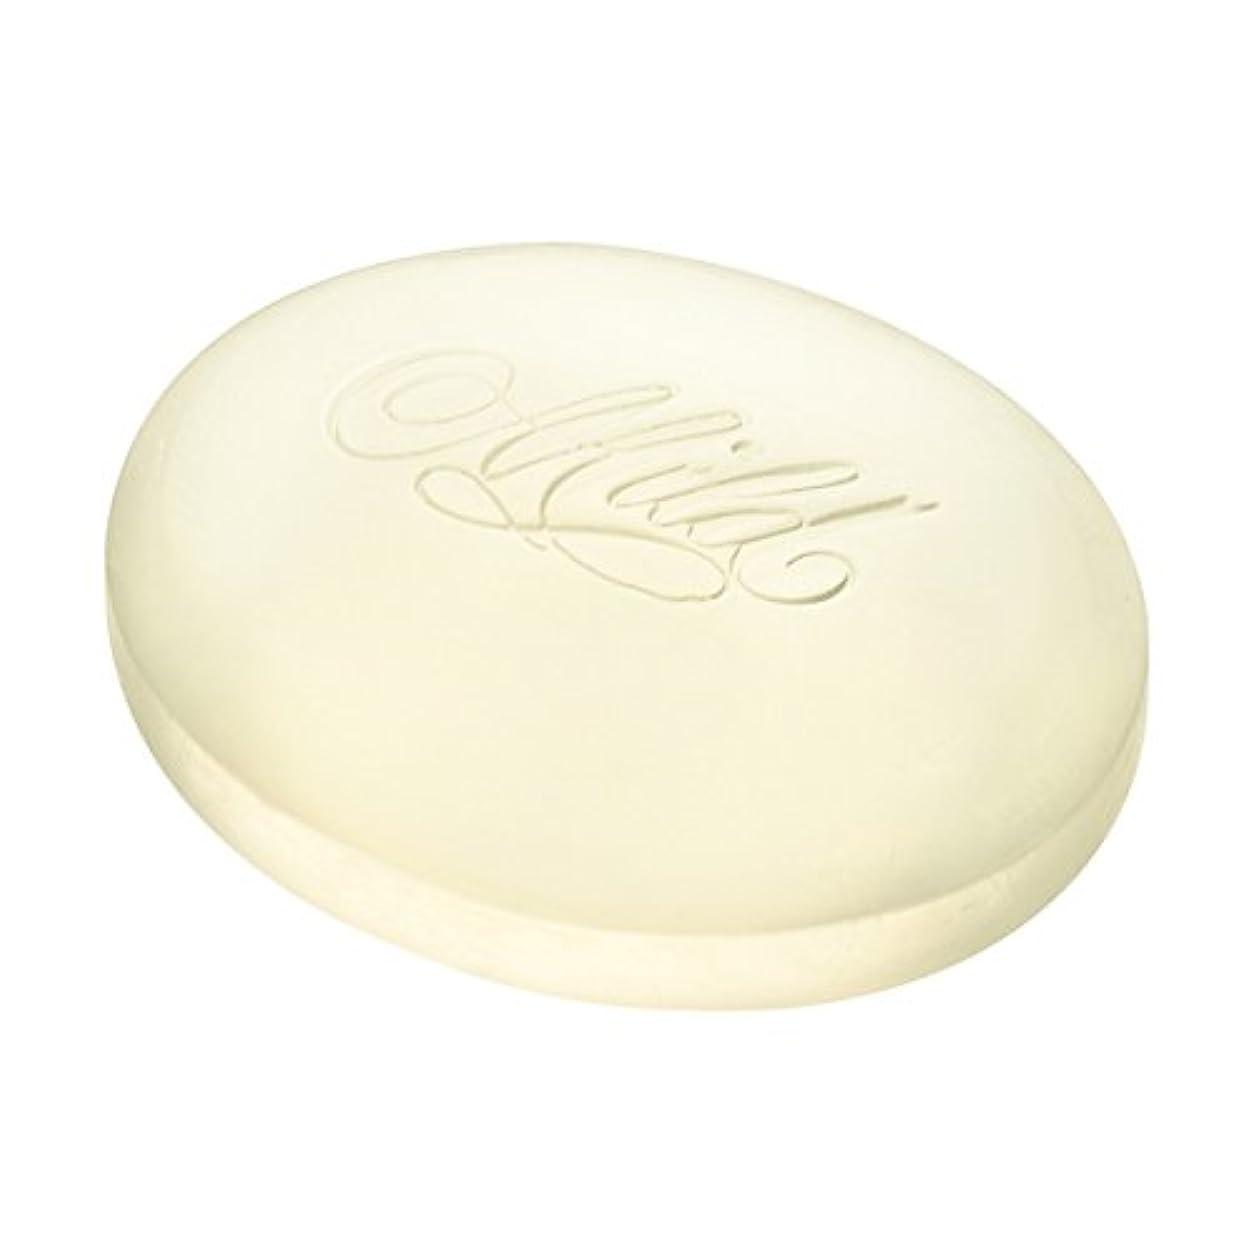 安定ブランデー項目資生堂 マイルドケーキ 標準重量100g